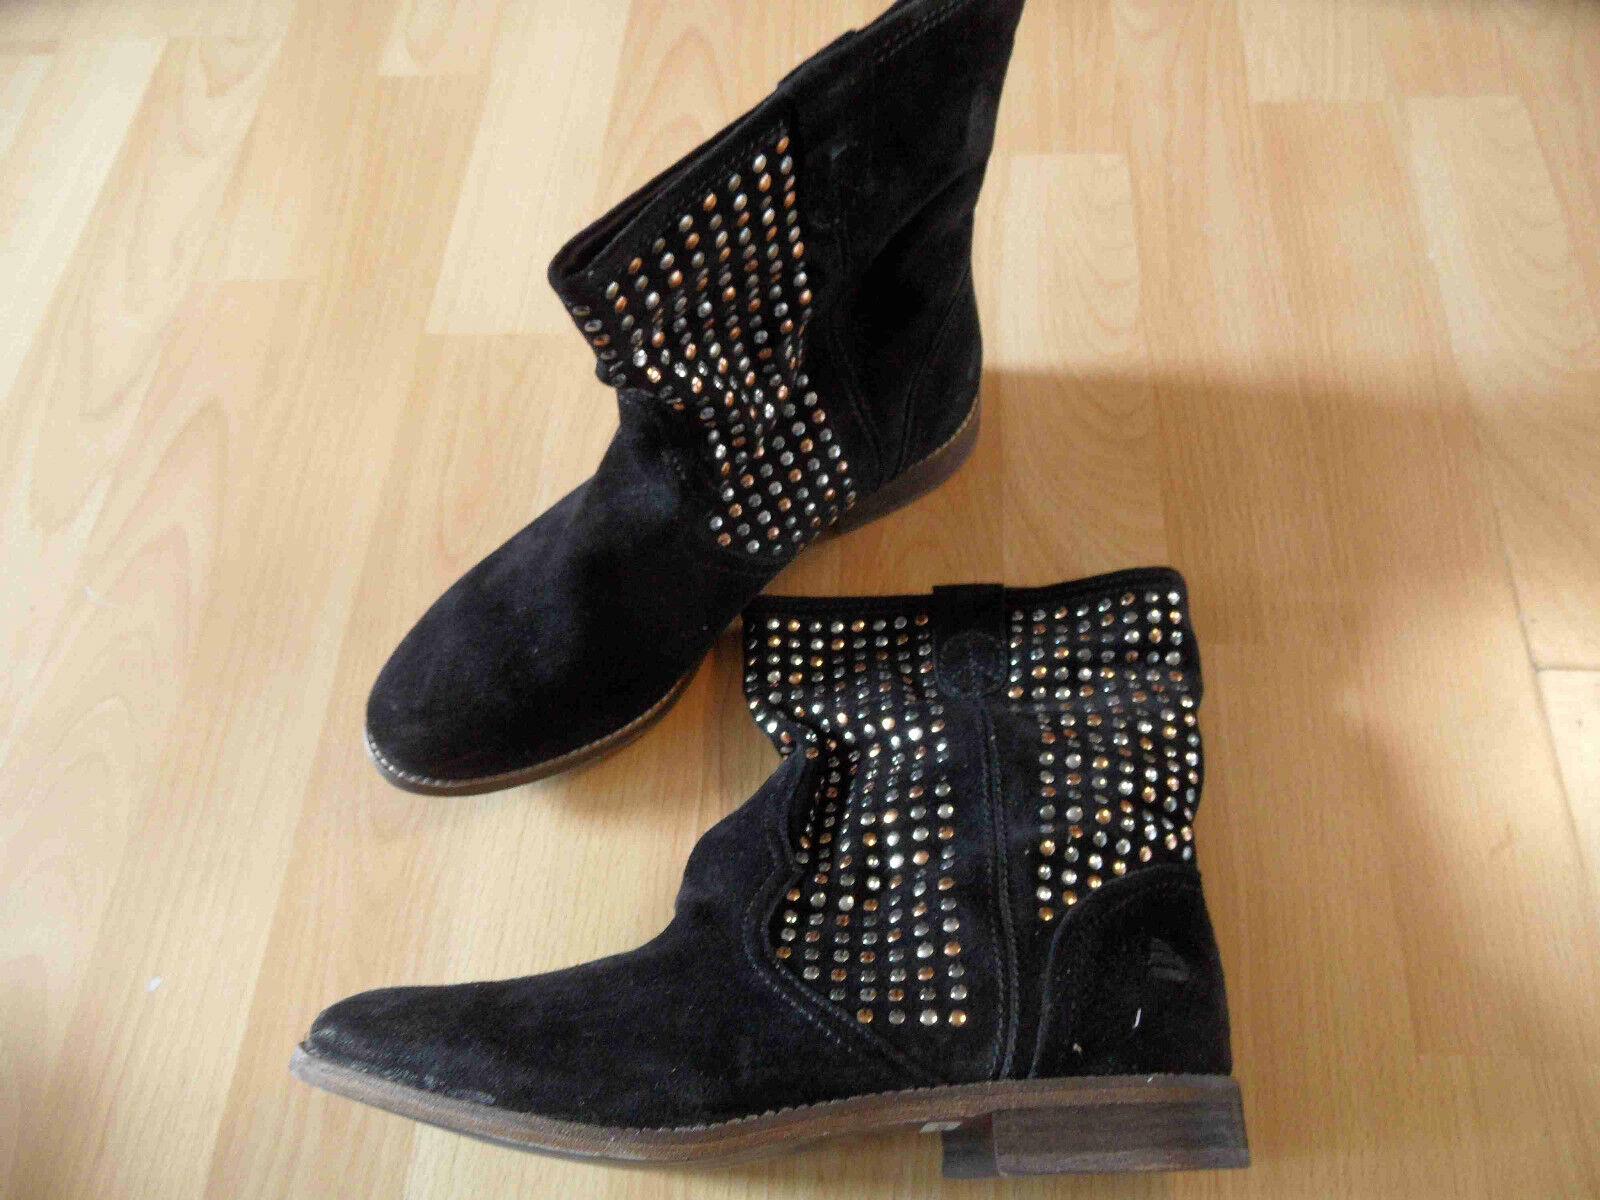 Zapatos especiales con descuento BULLBOXER tolle Stiefeltte mit Nieten schwarz Gr. 36 o. 42 ( kleiner ) NEU